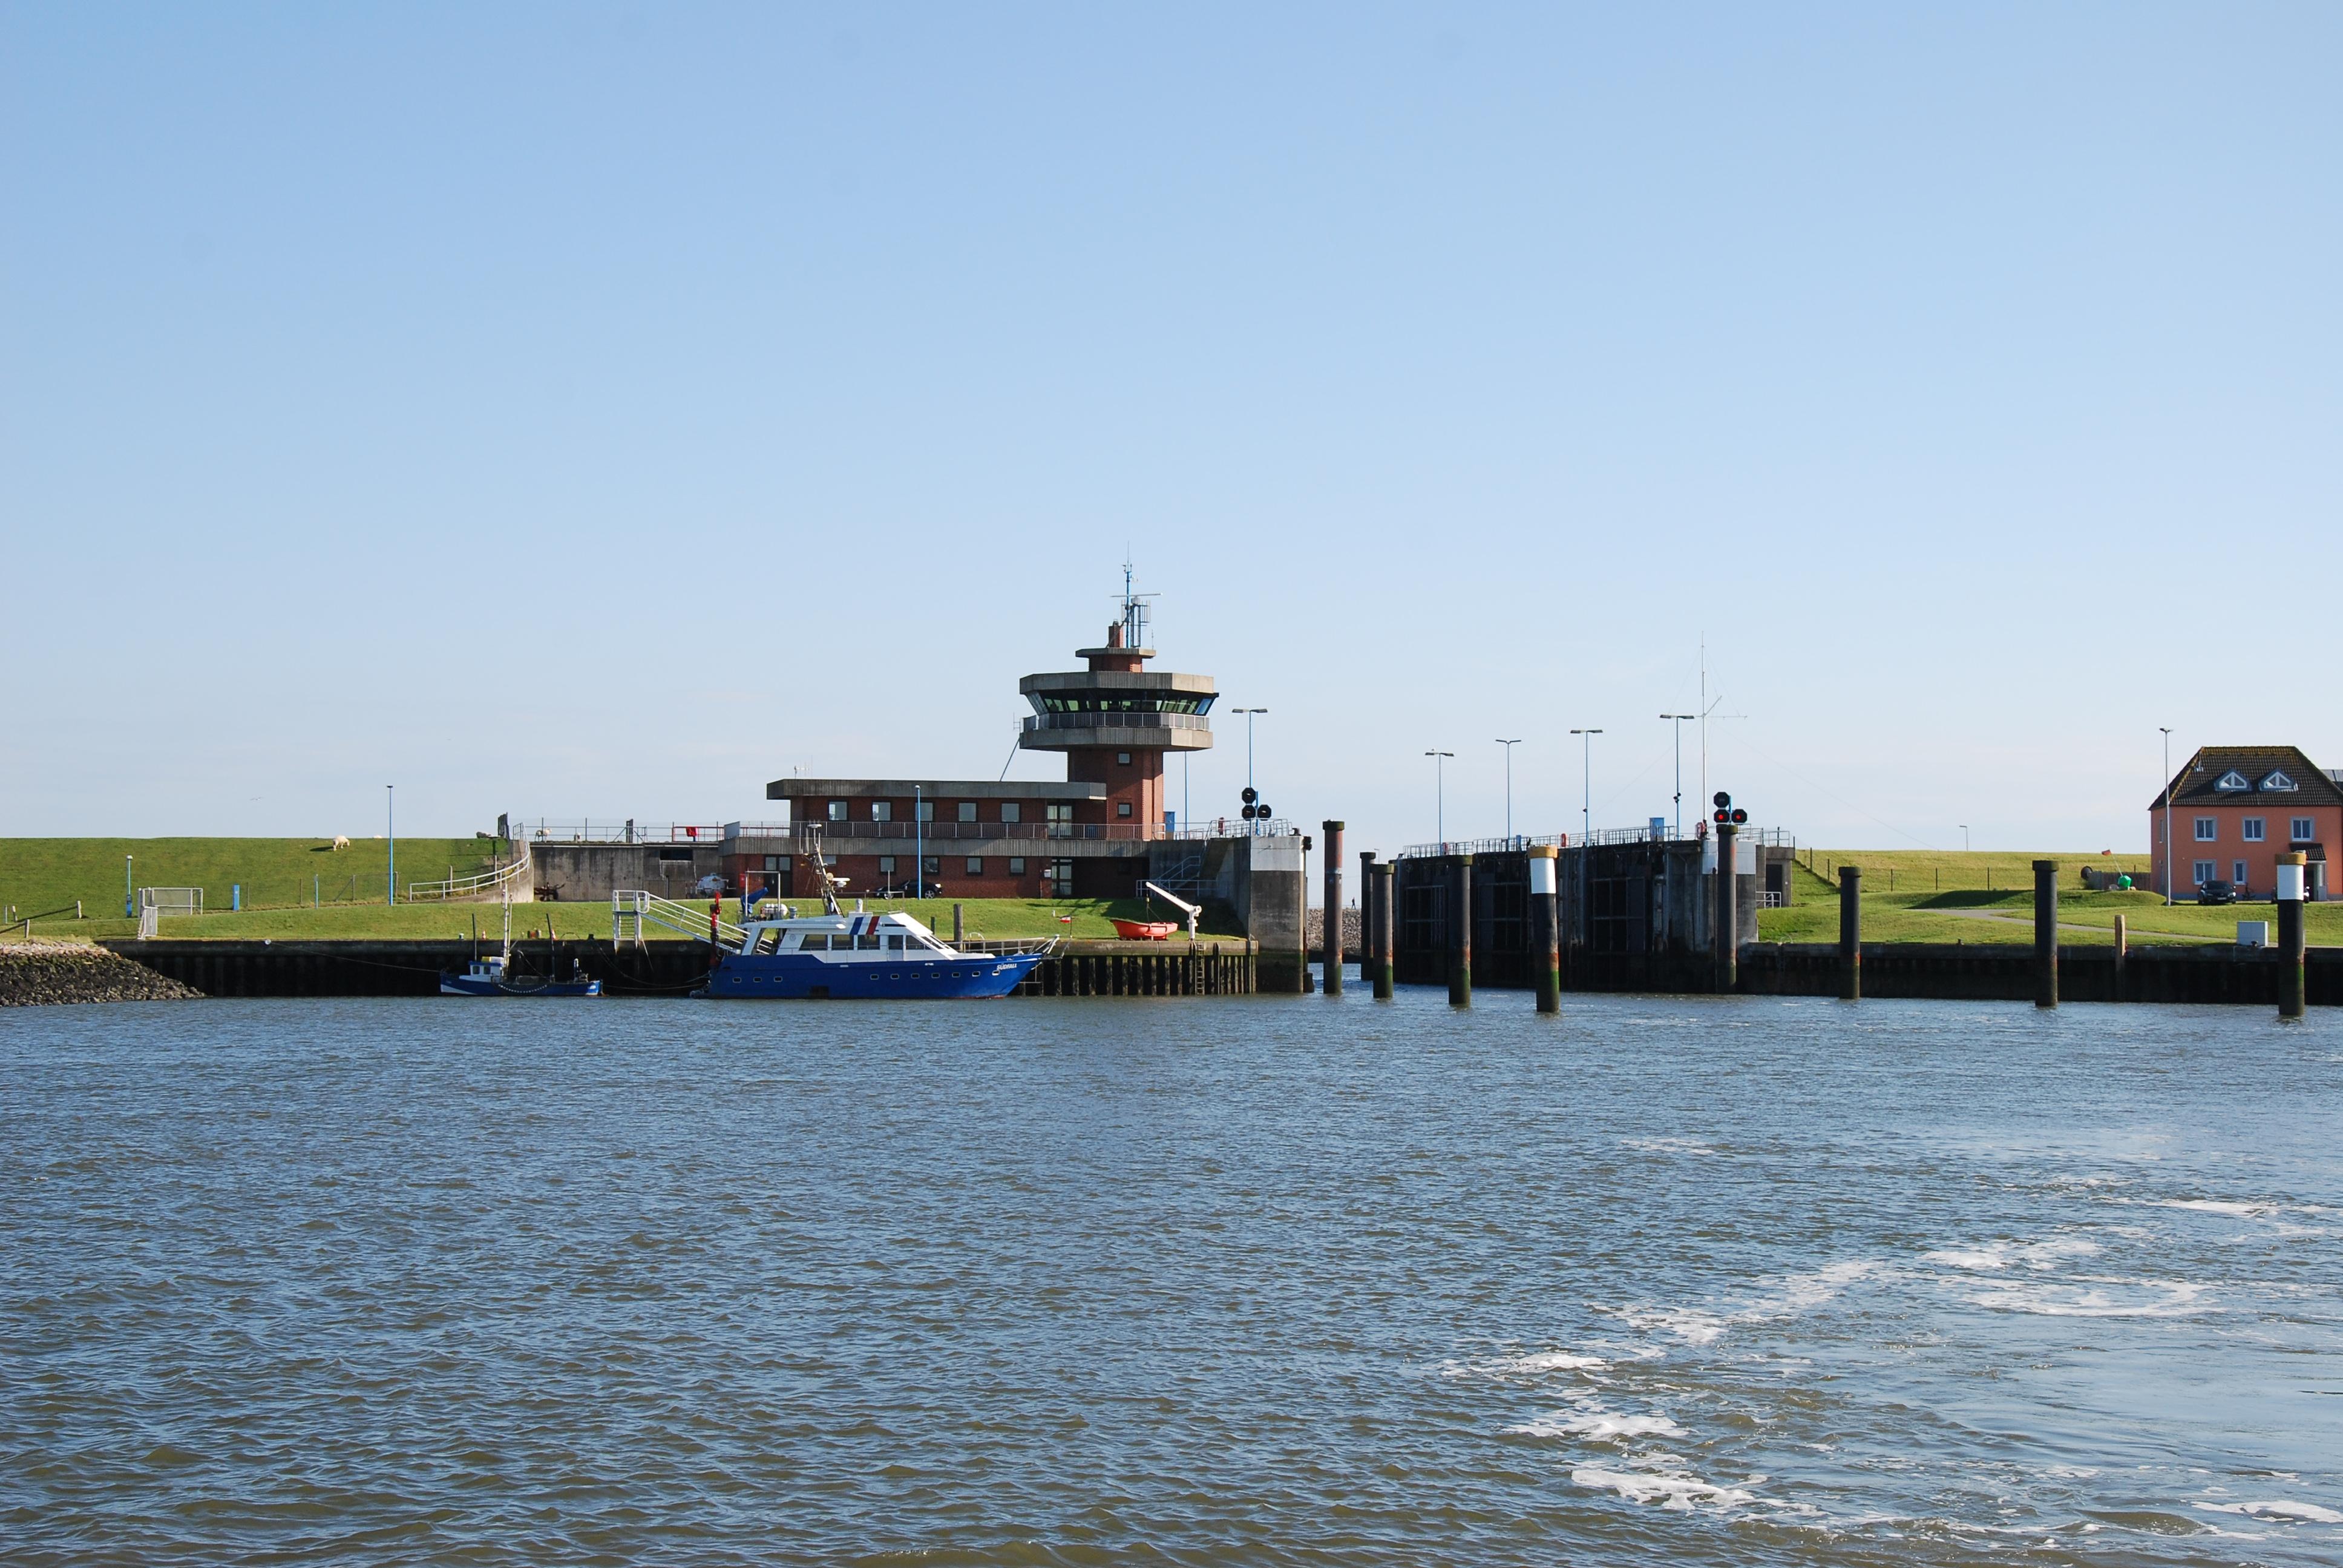 Indsejlingen til Büsum Havn, der ligger beskyttet bag store porte.